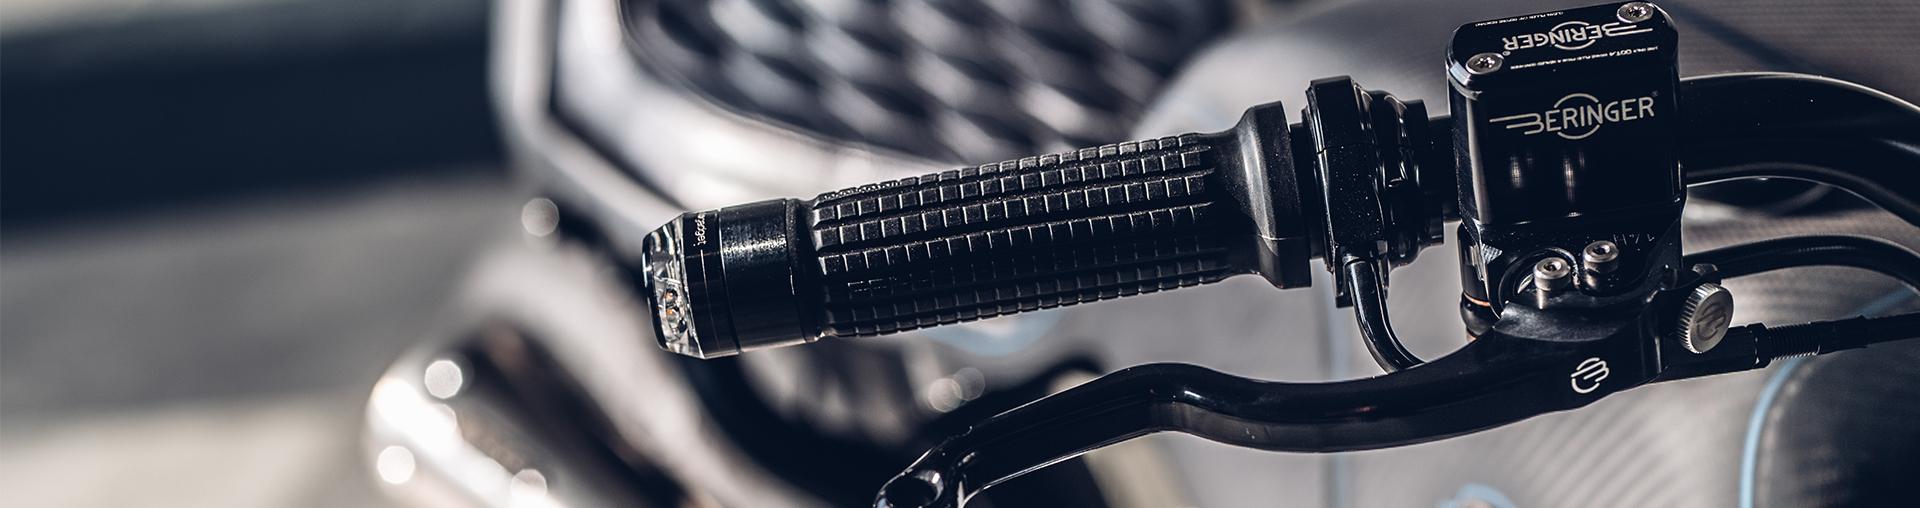 Maître-cylindre Beringer